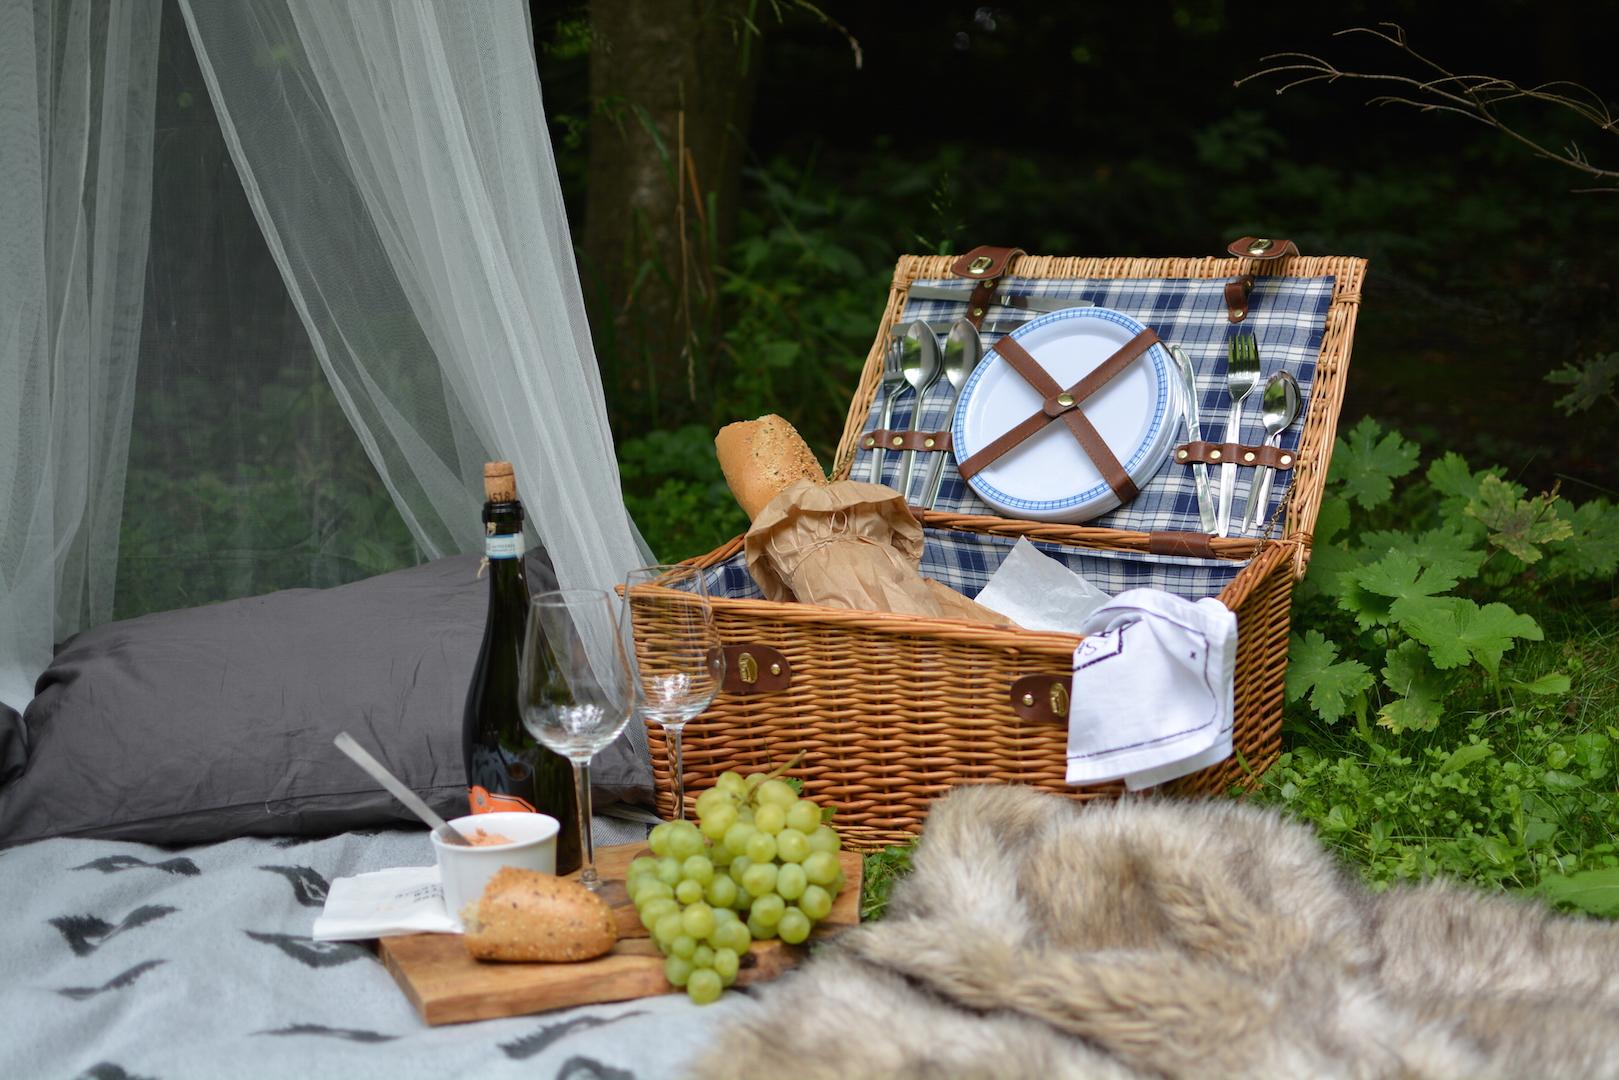 piknik-w-lesie-kosz-piknikowy-2